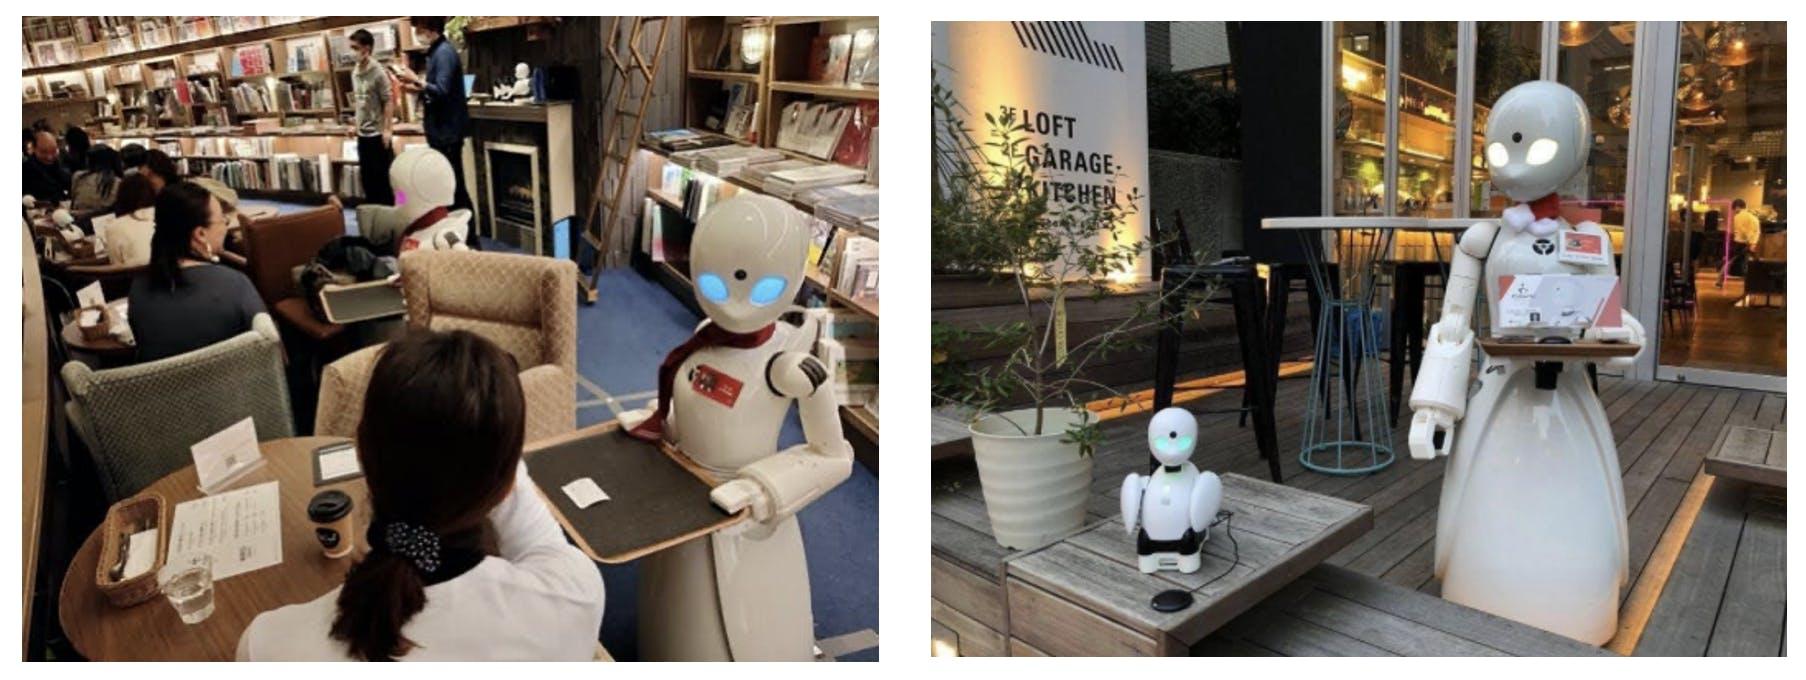 分身ロボットカフェの様子